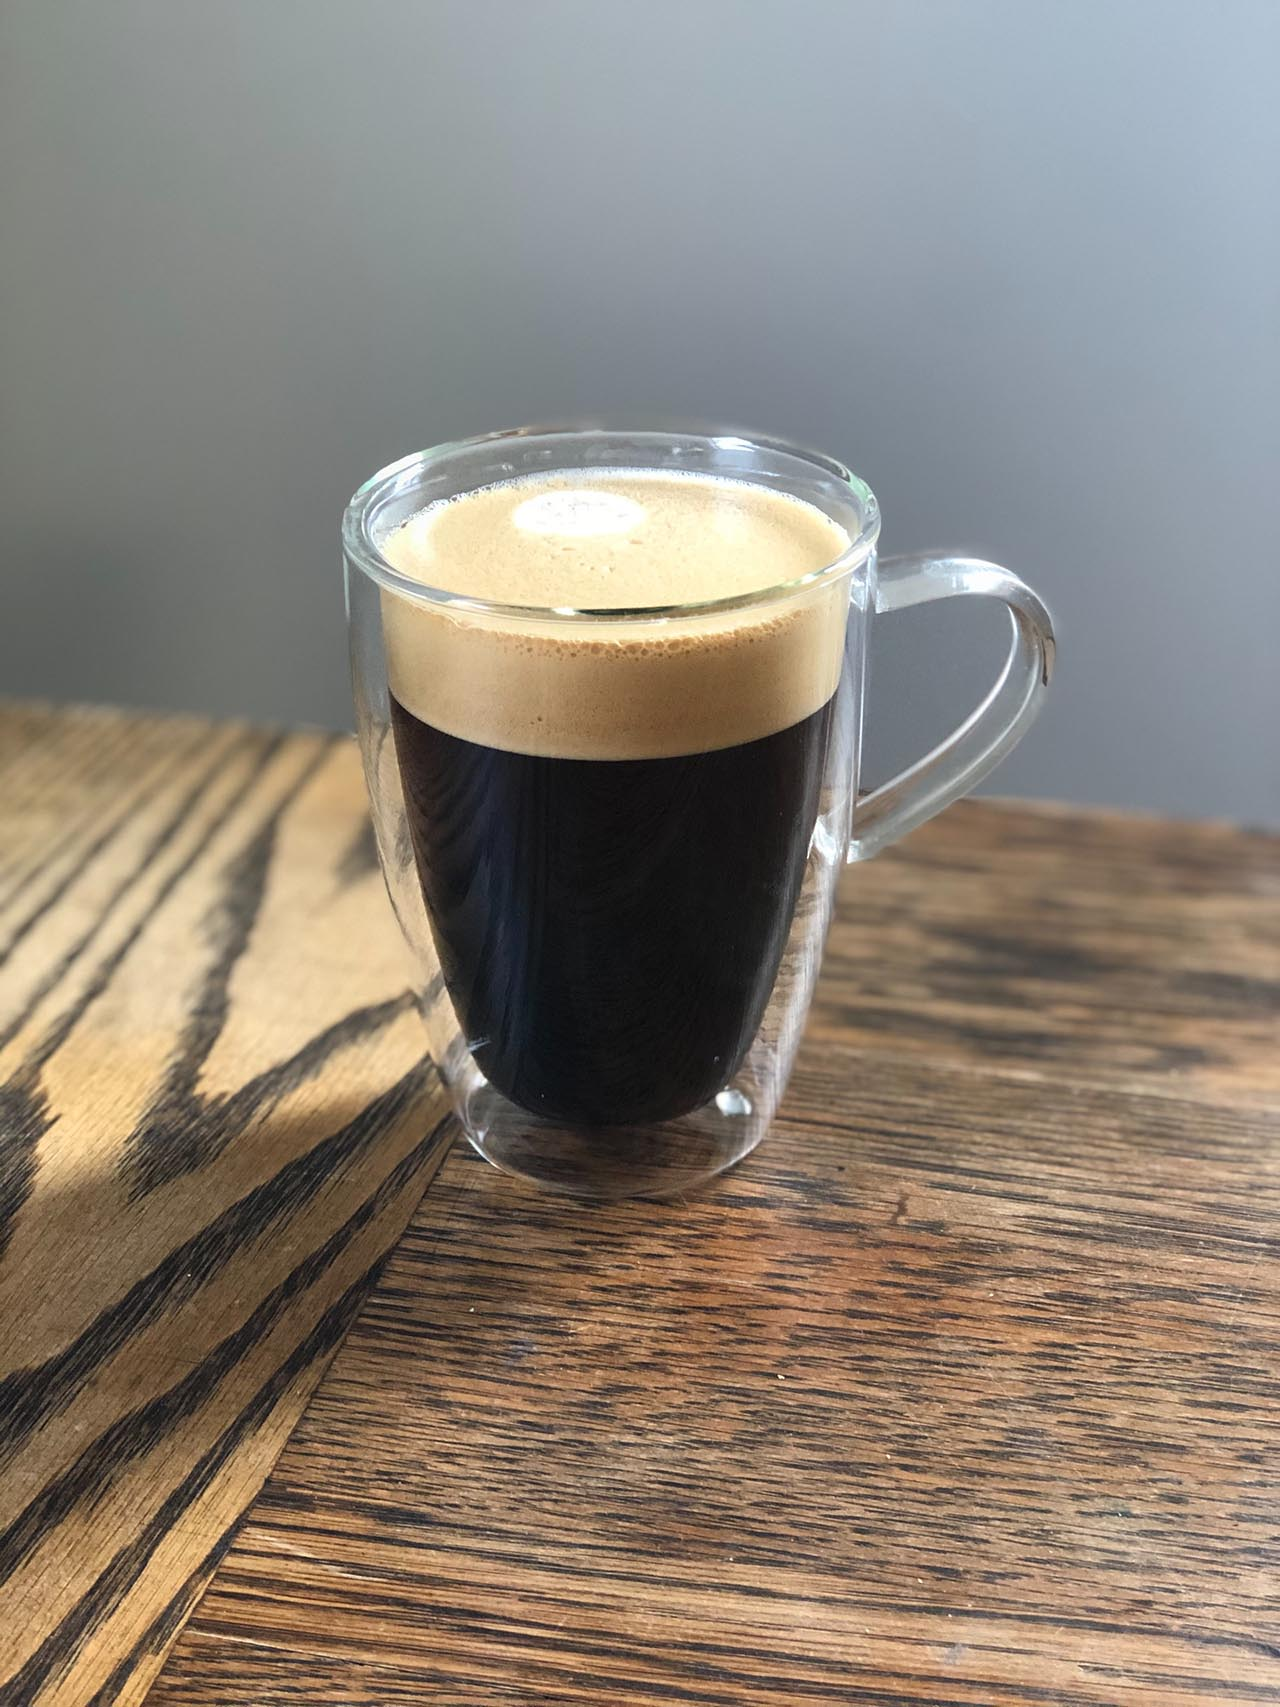 Mit einer Dolce Gusto Maschine bereitest Du Dir schnell und einfach leckeren Kaffee jeder Art zu.